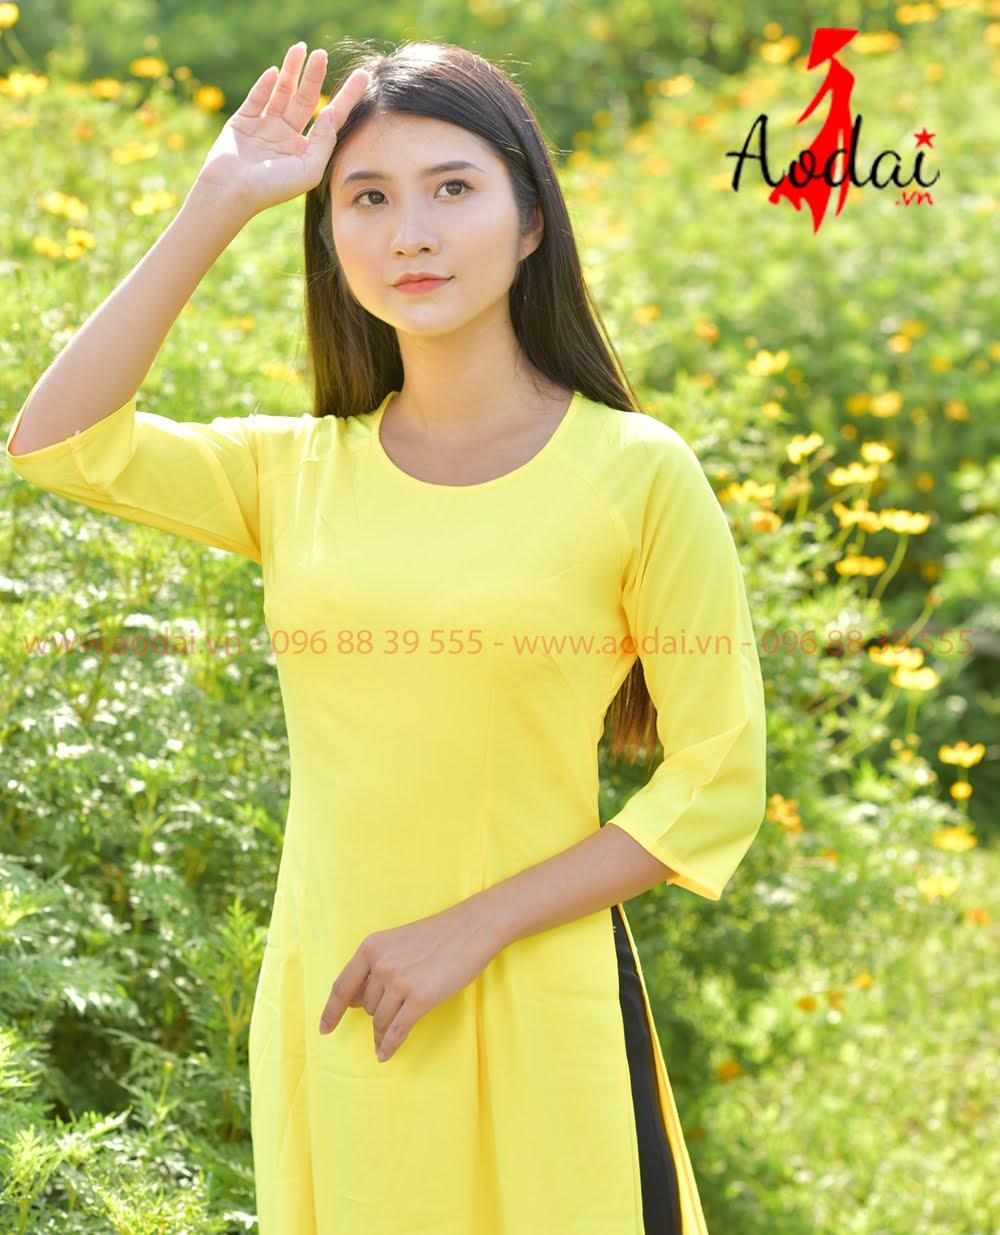 Áo Dài Nữ Cổ Tròn Mầu vàng - Quần đen